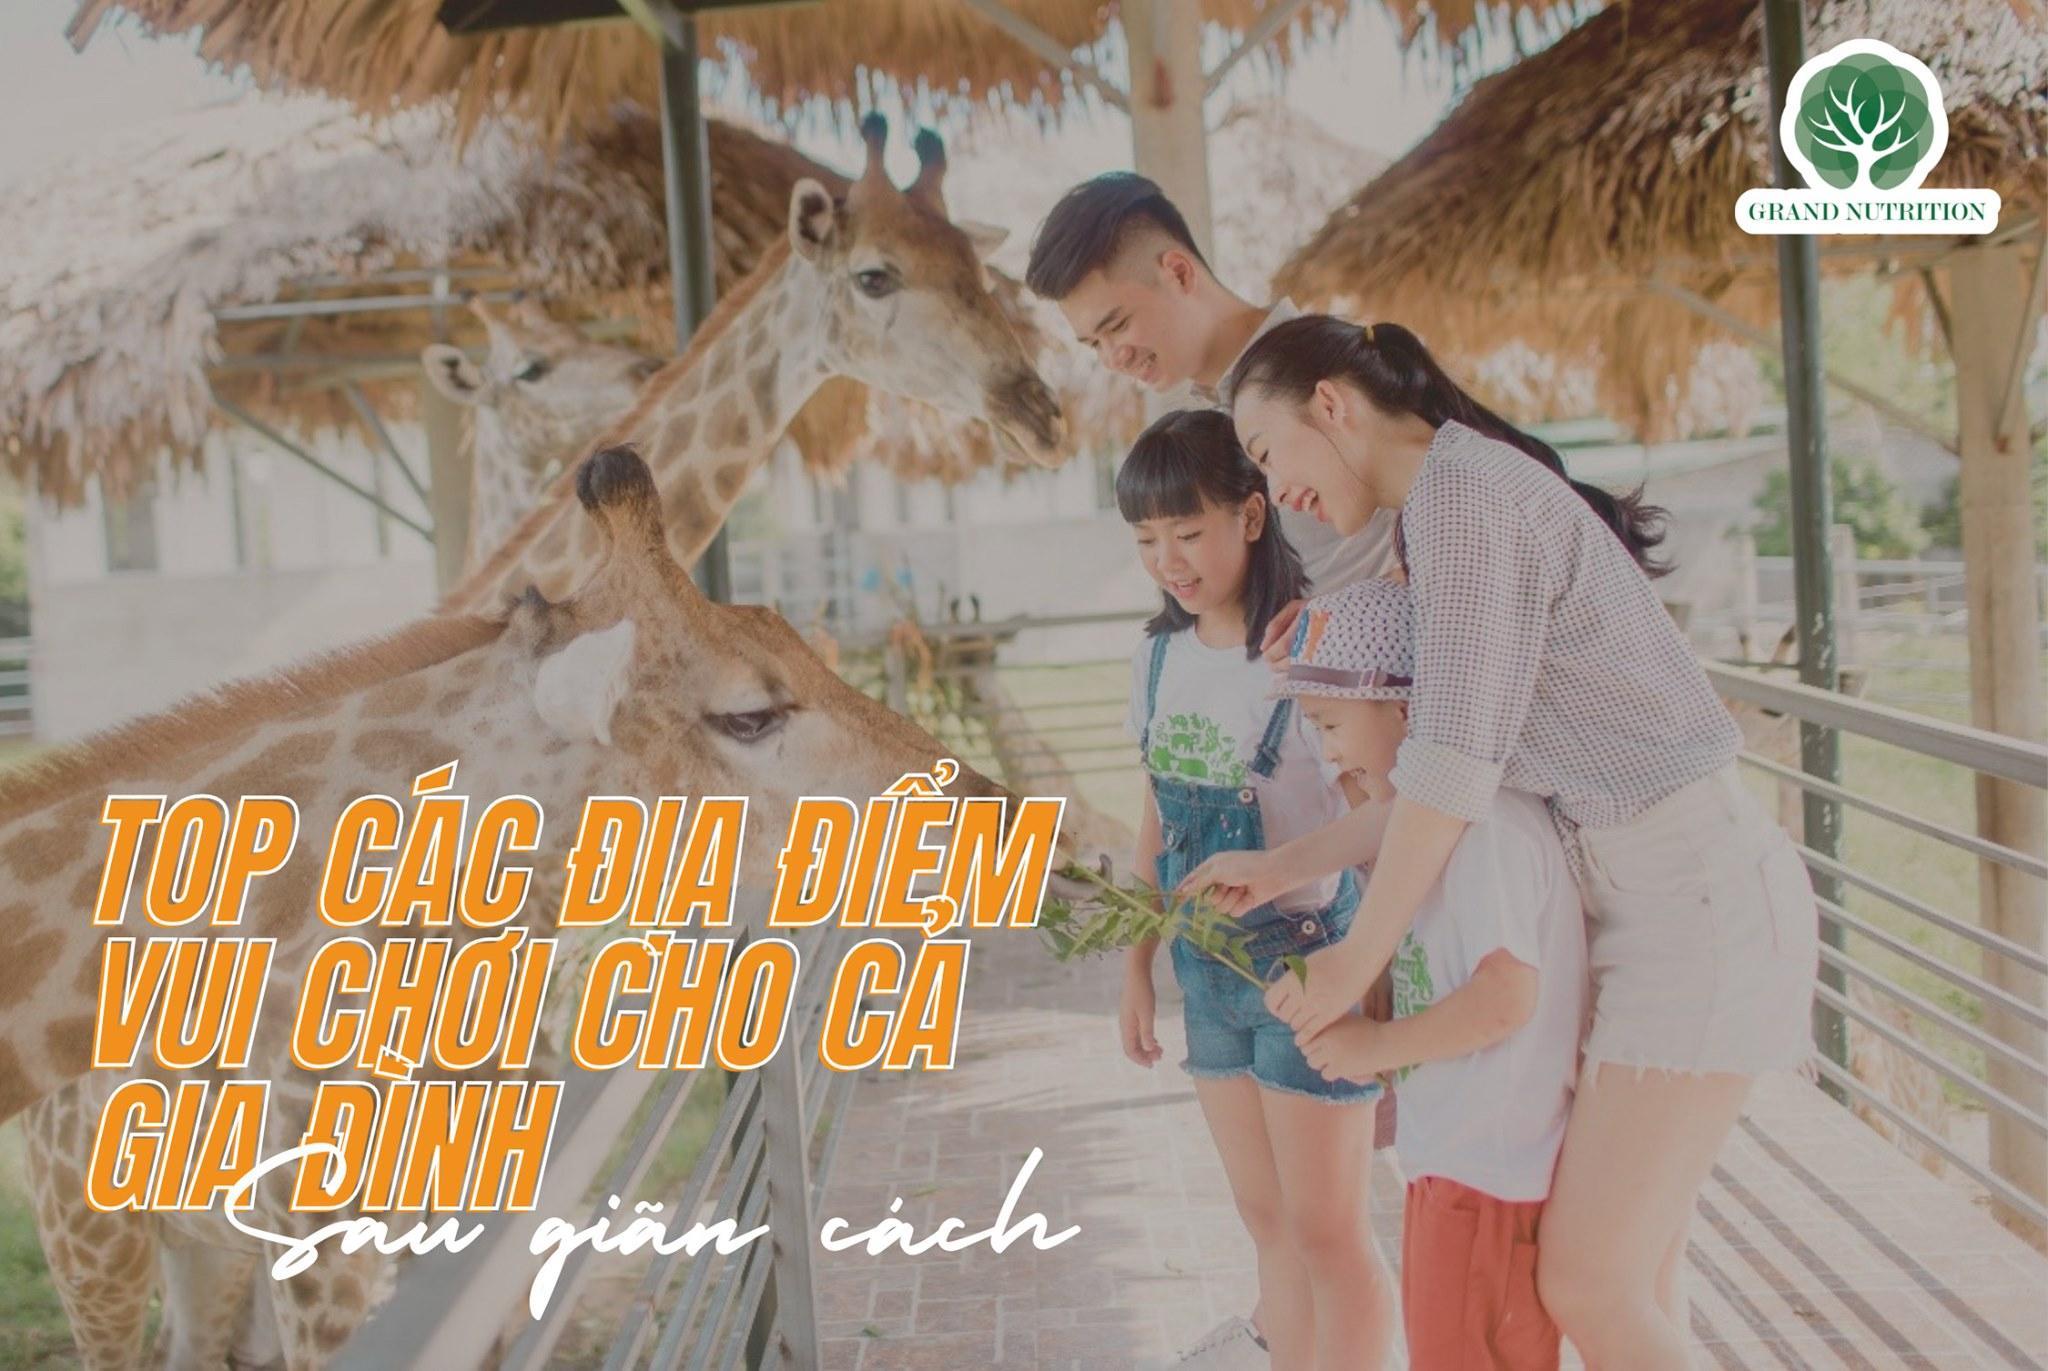 TOP 5 địa điểm vui chơi ở Hà Nội sau giãn cách an toàn cho cả gia đình